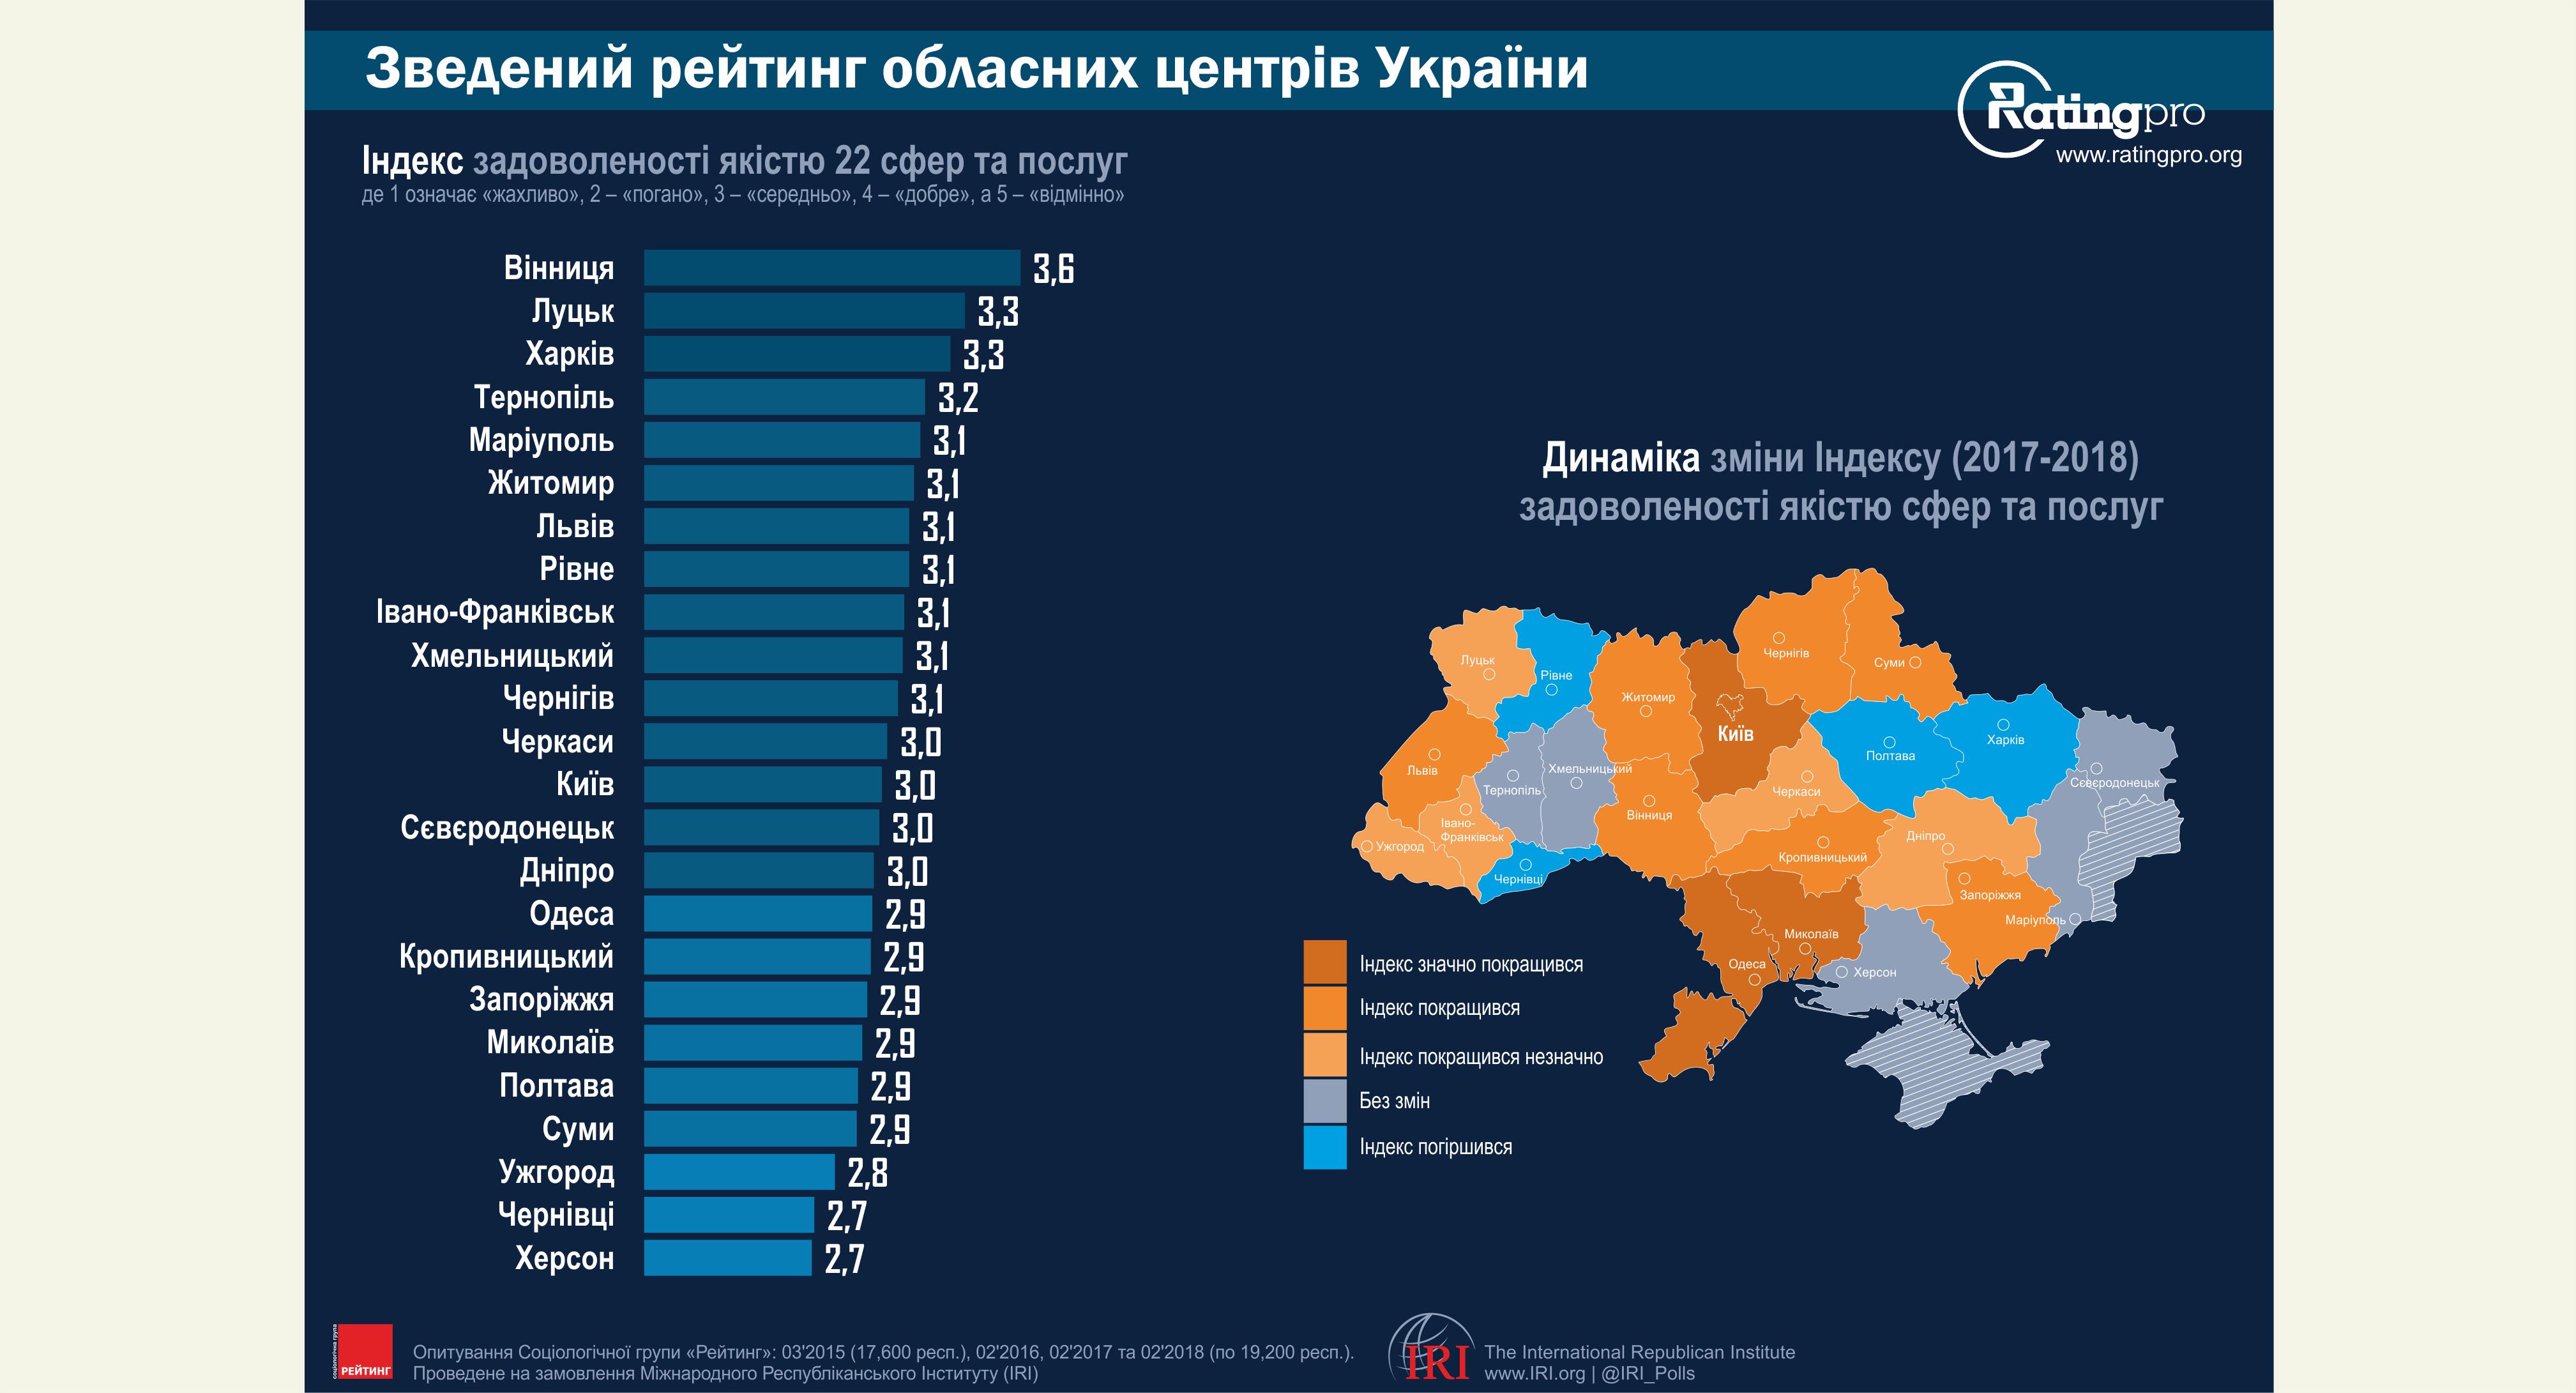 Винница возглавила рейтинг самых комфортных городов Украины Винница возглавила рейтинг самых комфортных городов Украины obshhij rejting